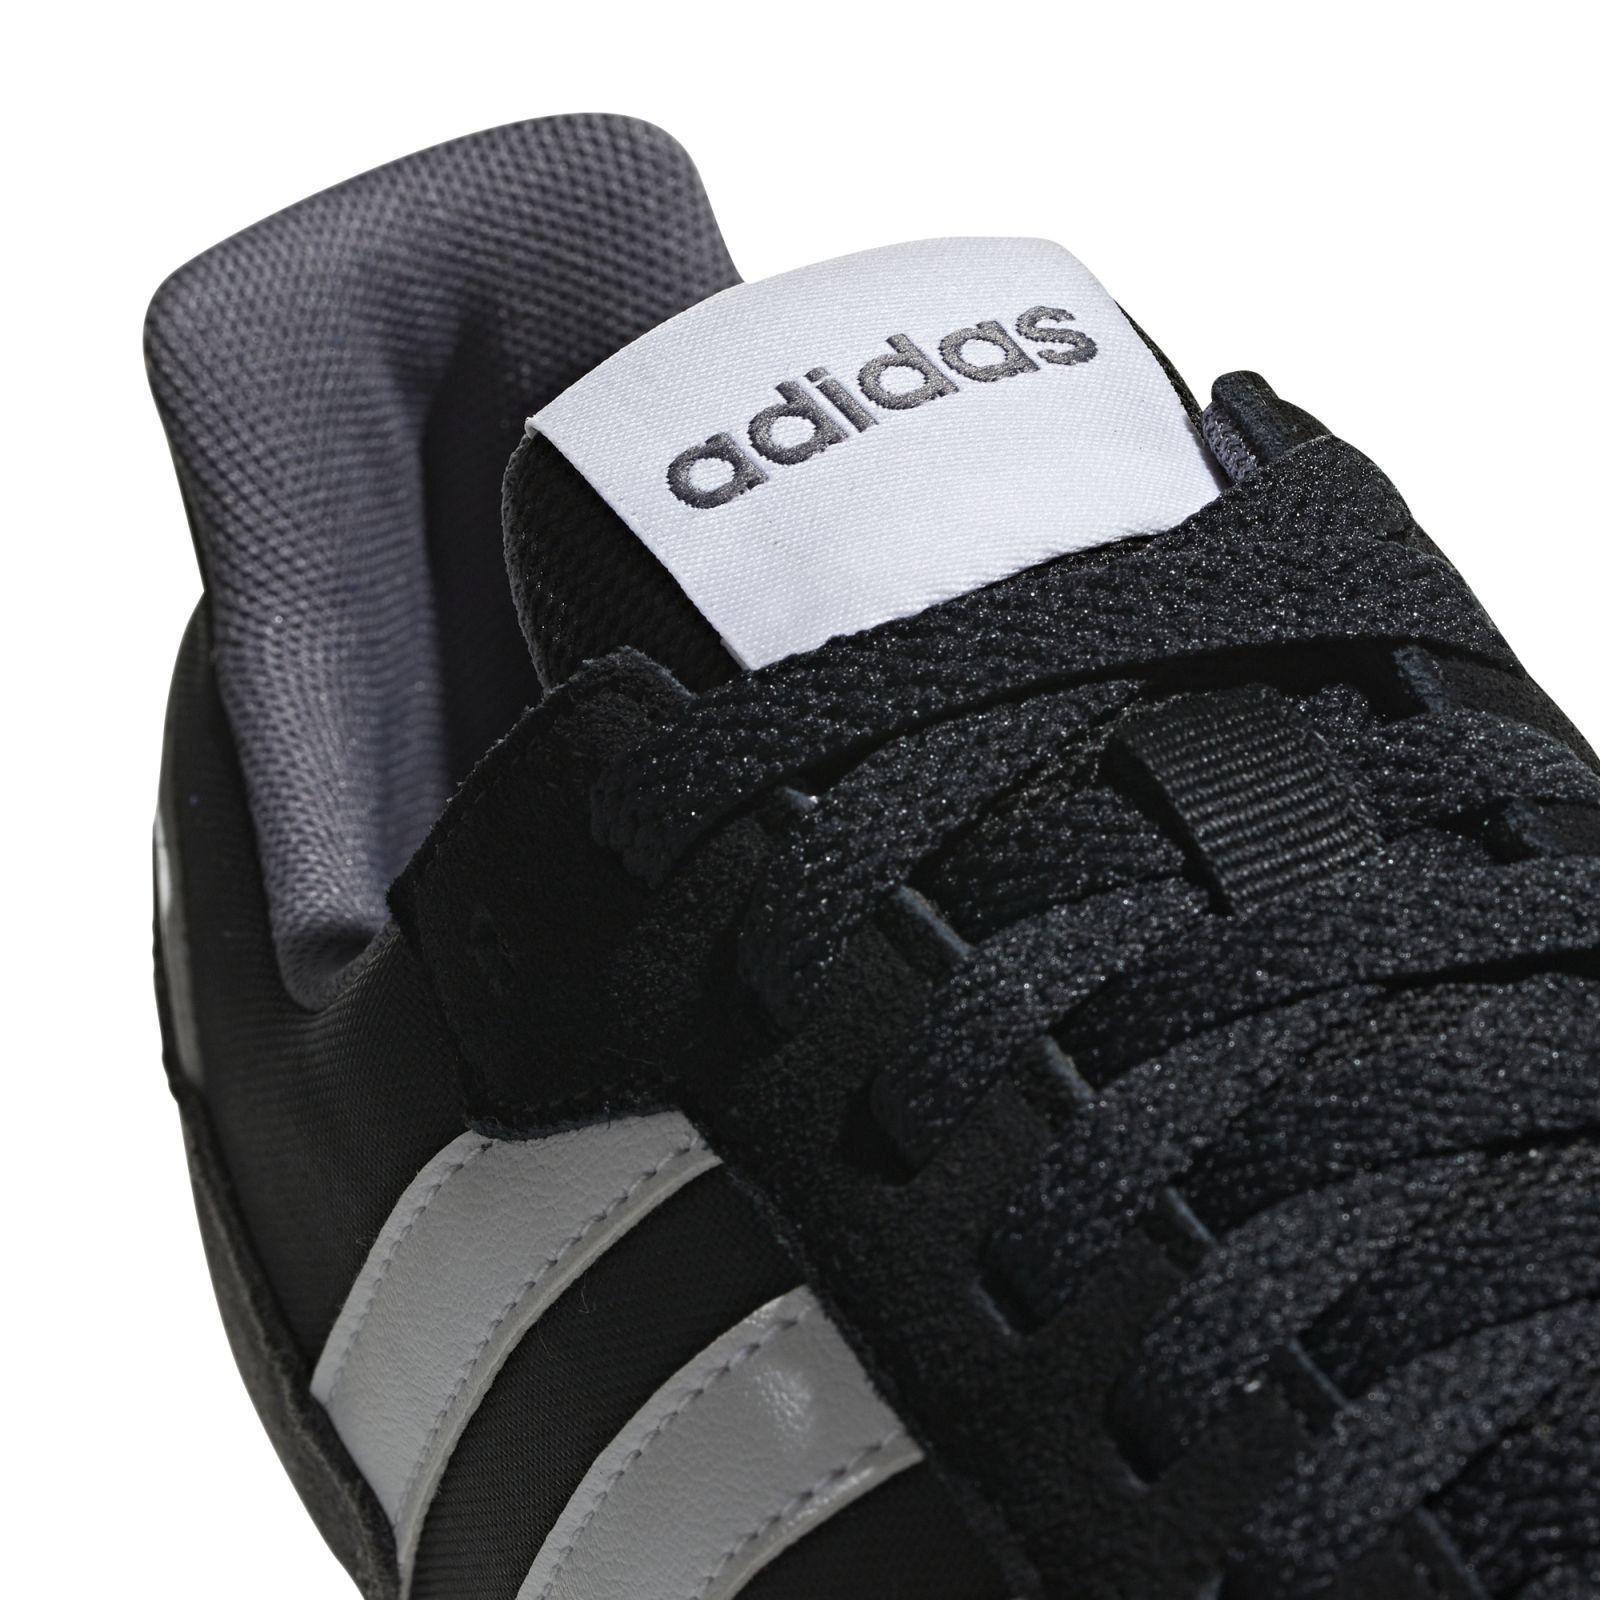 Details zu adidas Neo Herren Freizeitschuh Sneaker 8K schwarz weiß grau